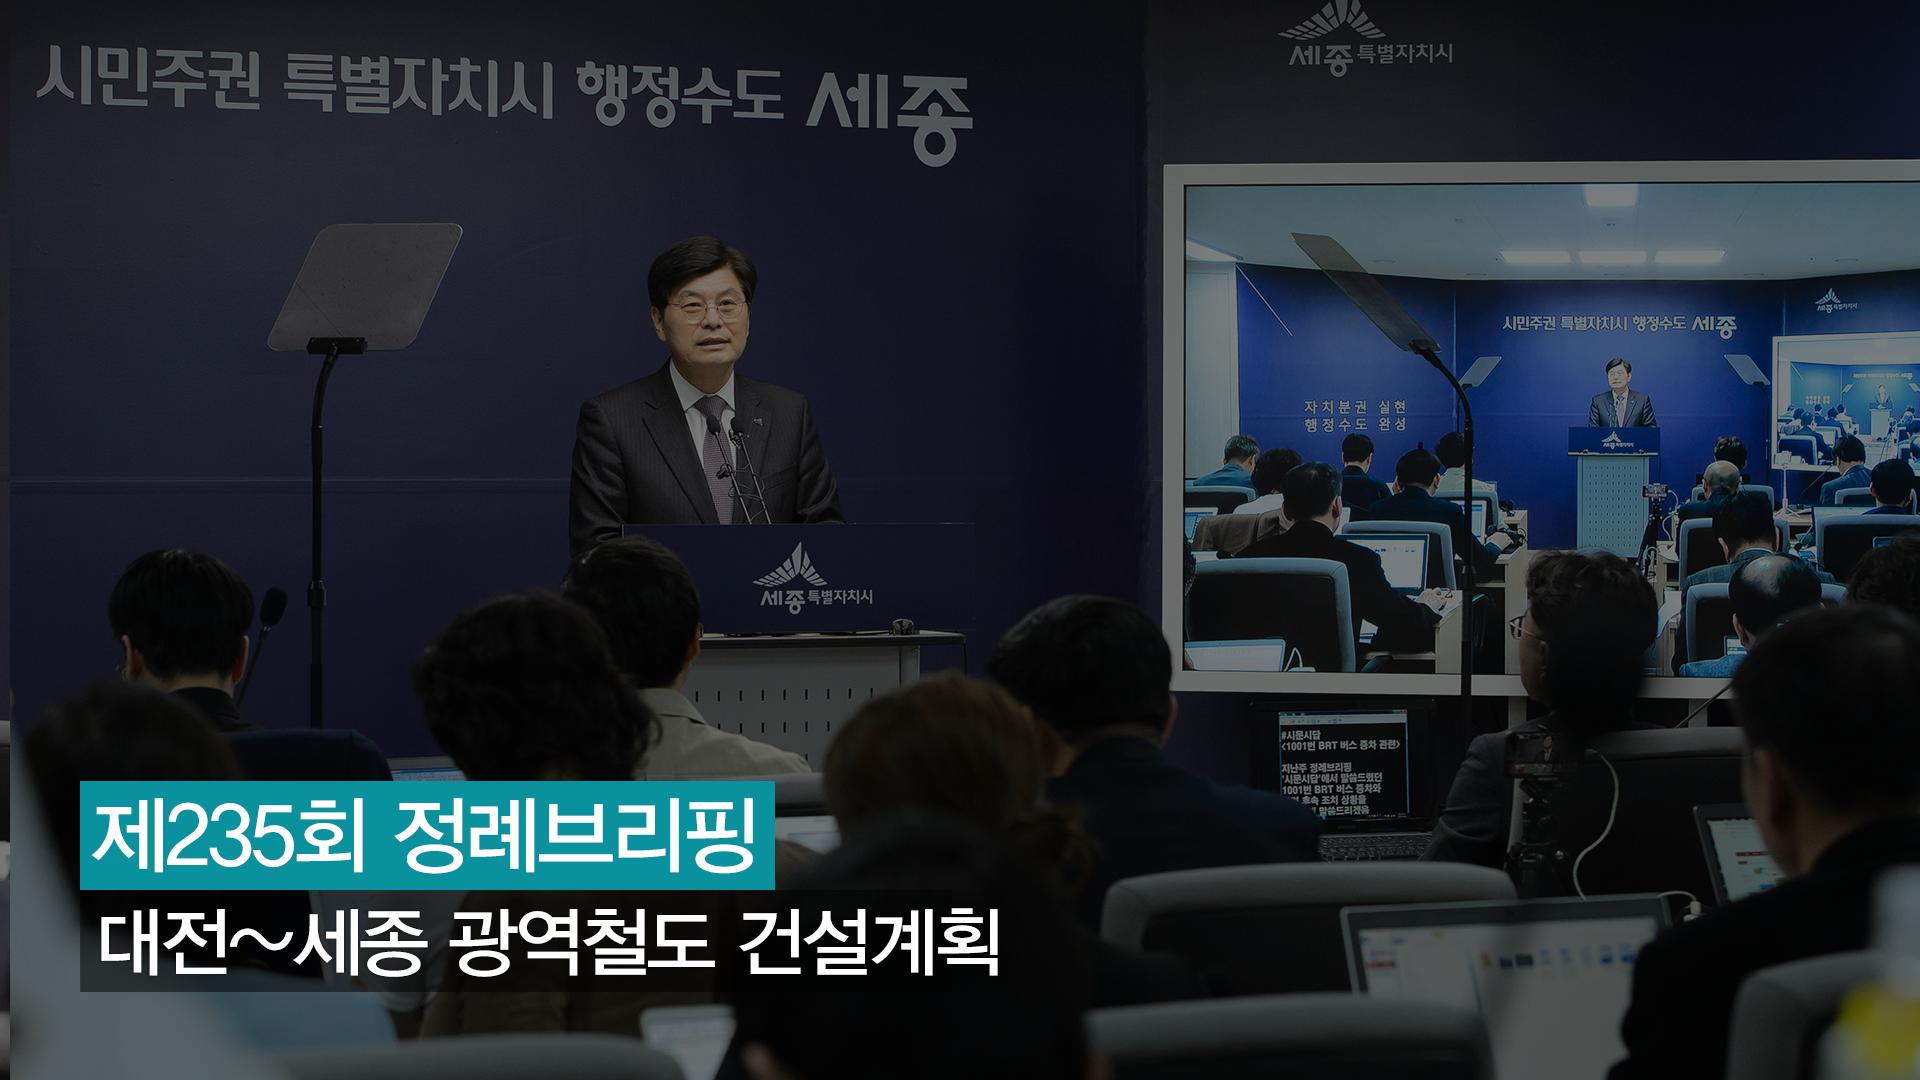 <235번째 정례브리핑> 대전~세종 광역철도 건설계획